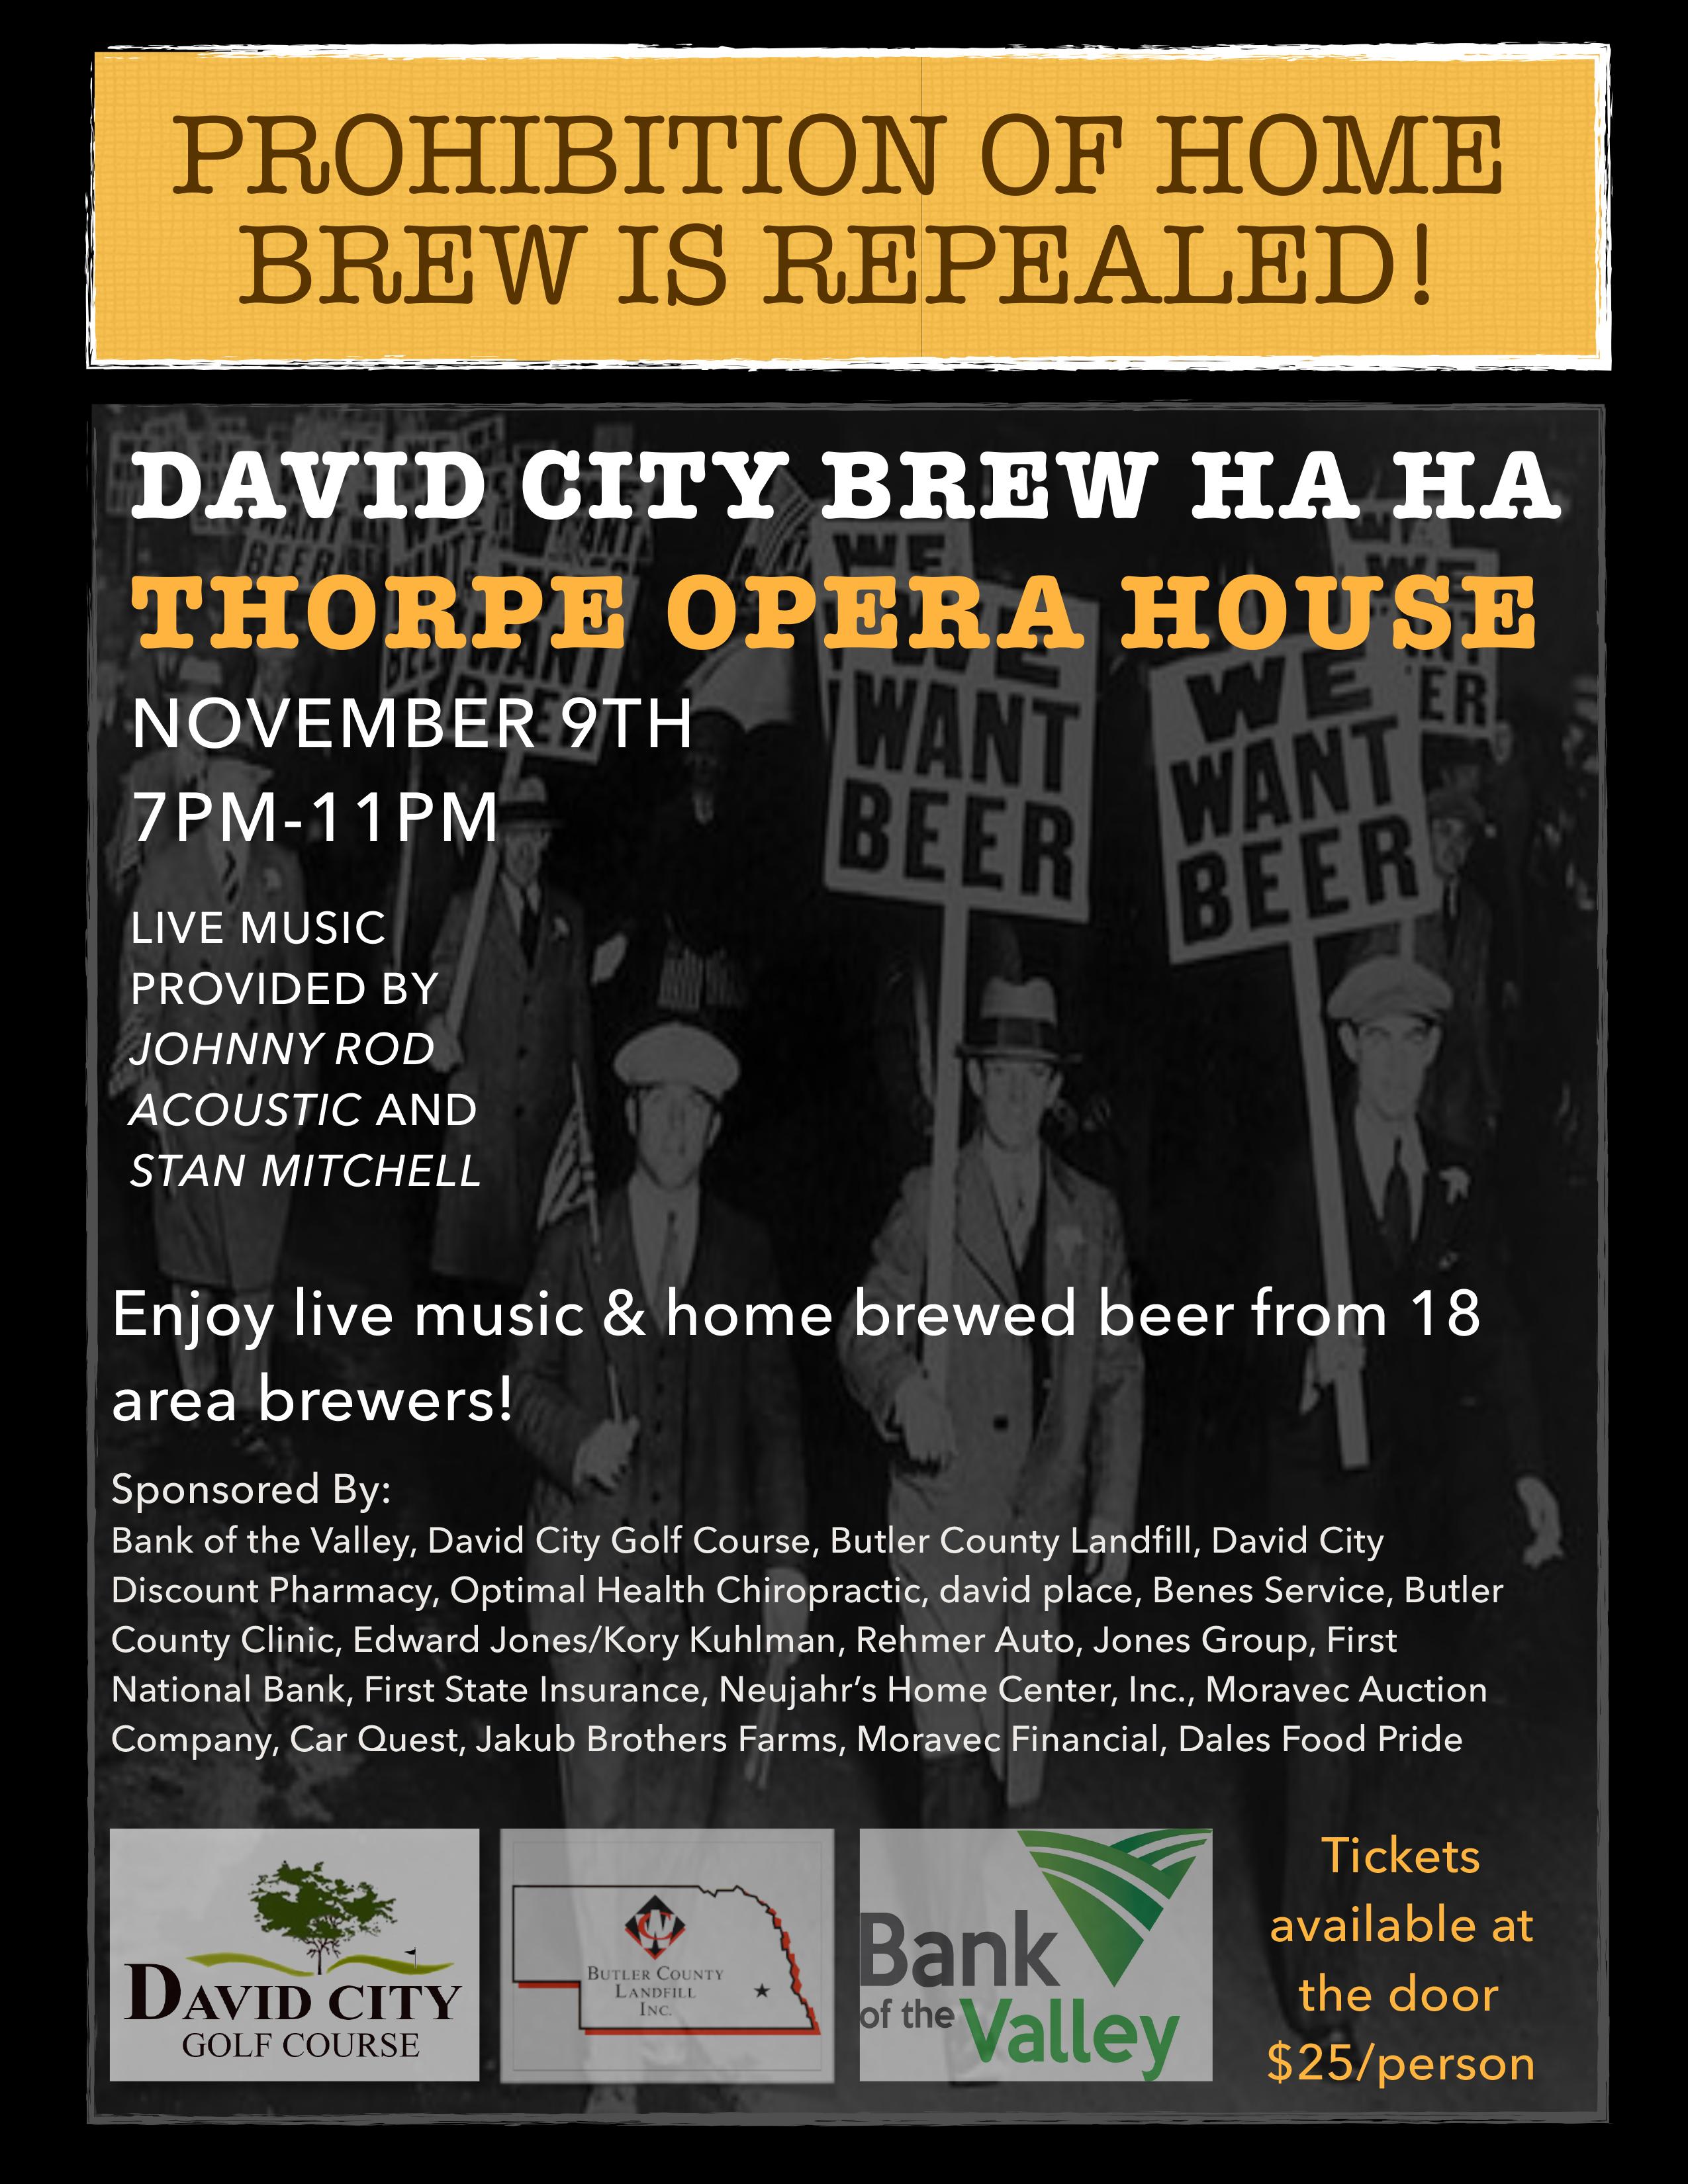 David City Brew Ha Ha